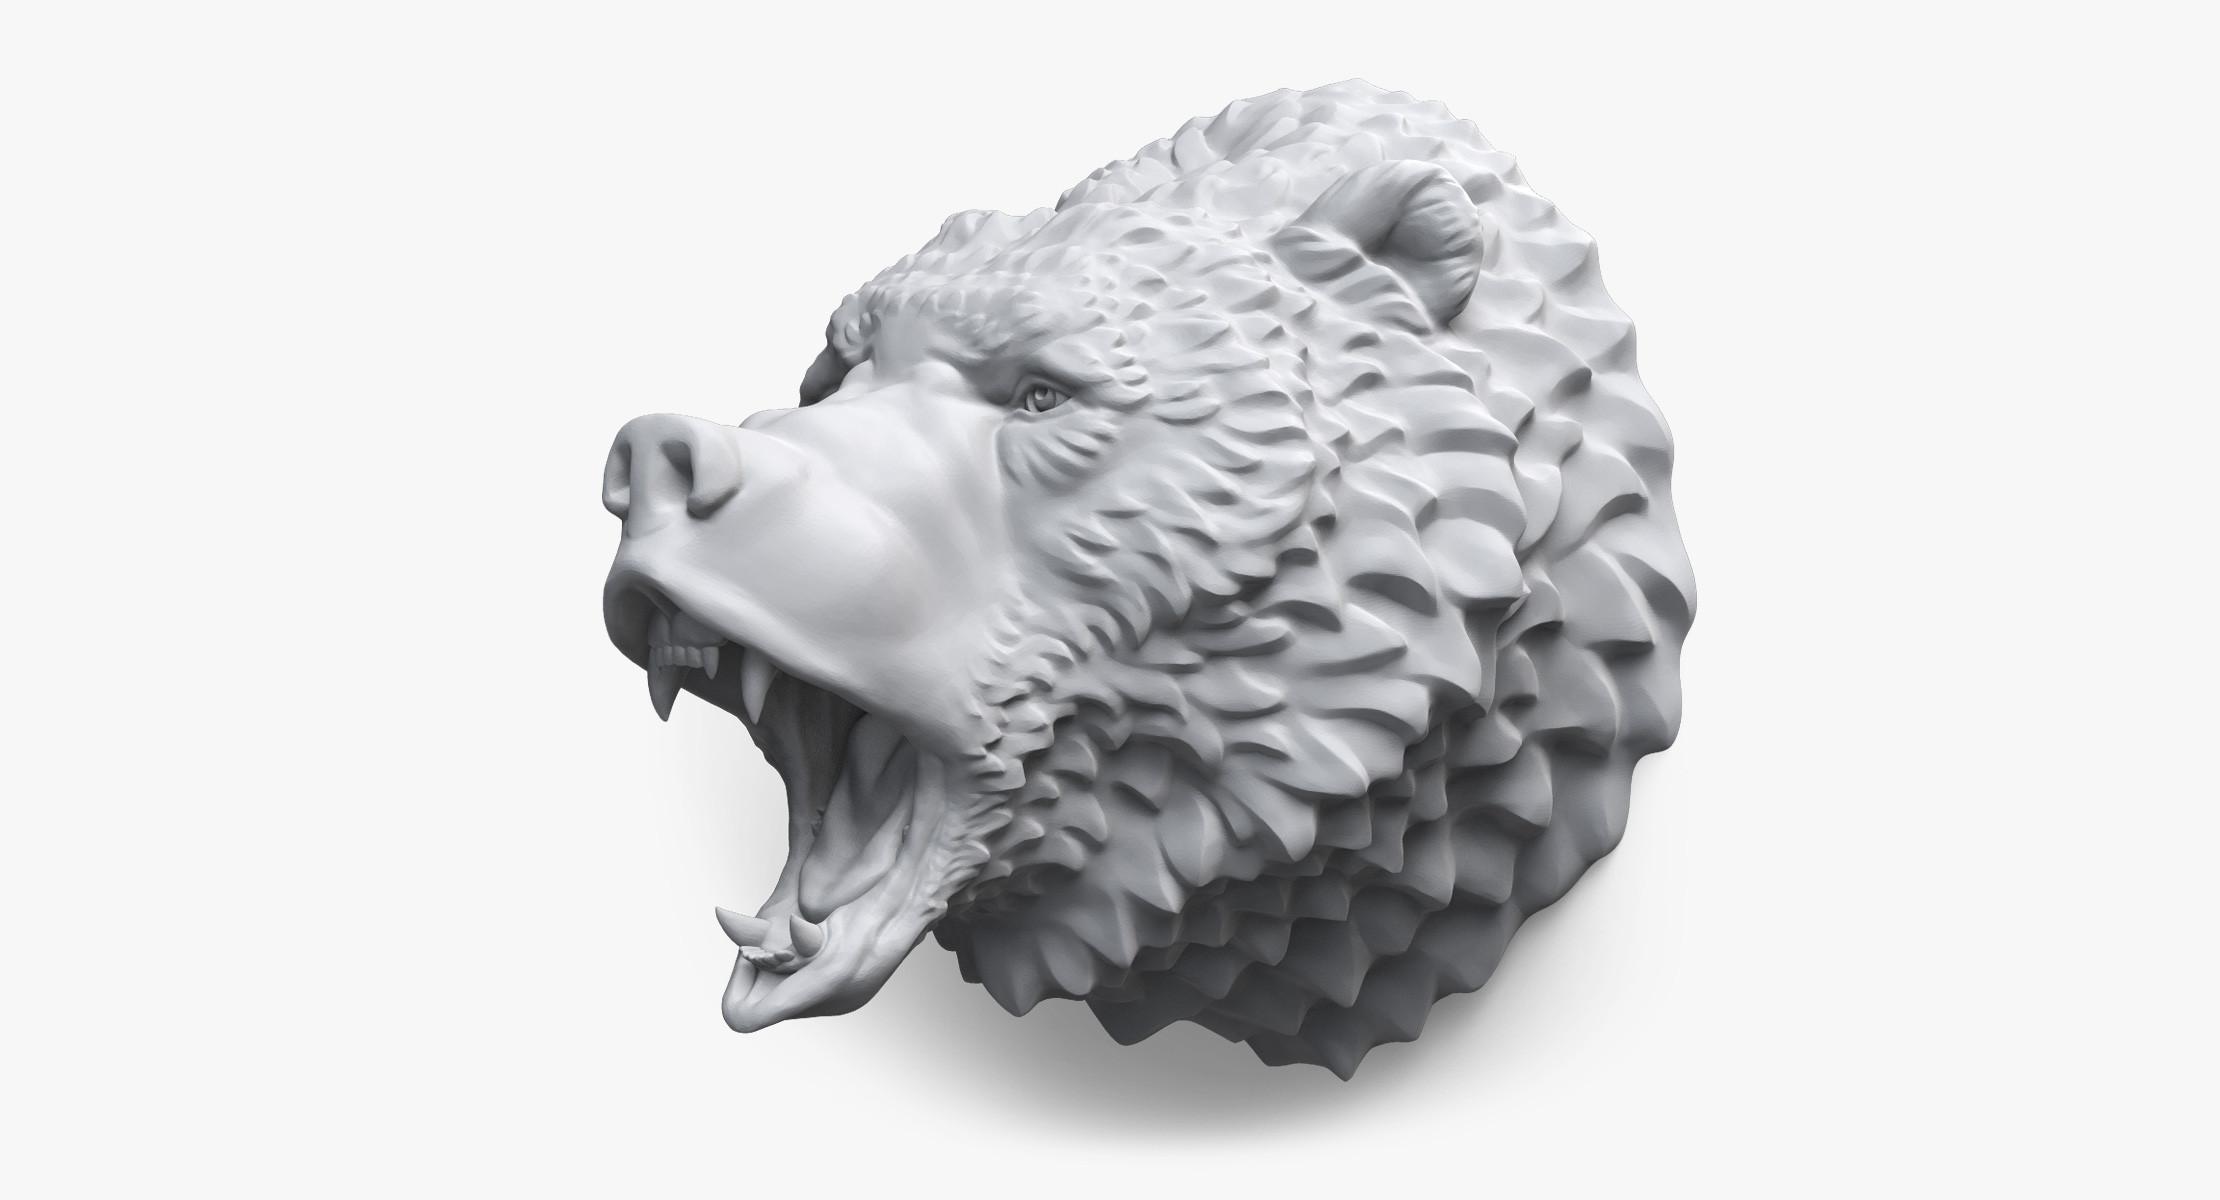 roaring-bear-head-3d-model-uv-000.jpg